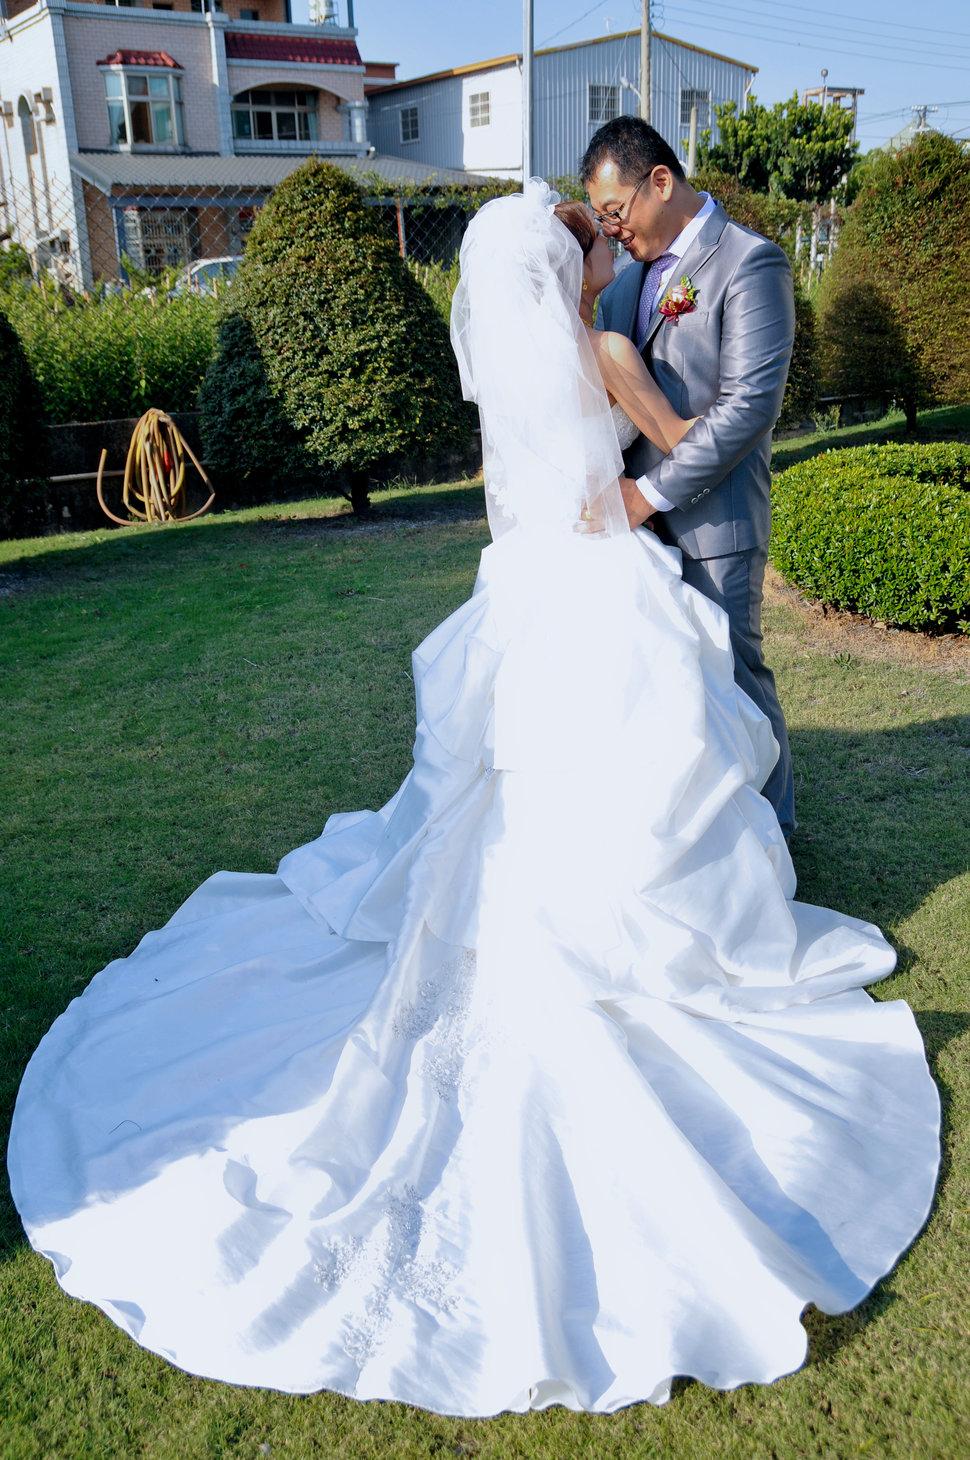 培頌&詩雯迎娶_062 - 克里斯 婚禮紀錄 - 結婚吧